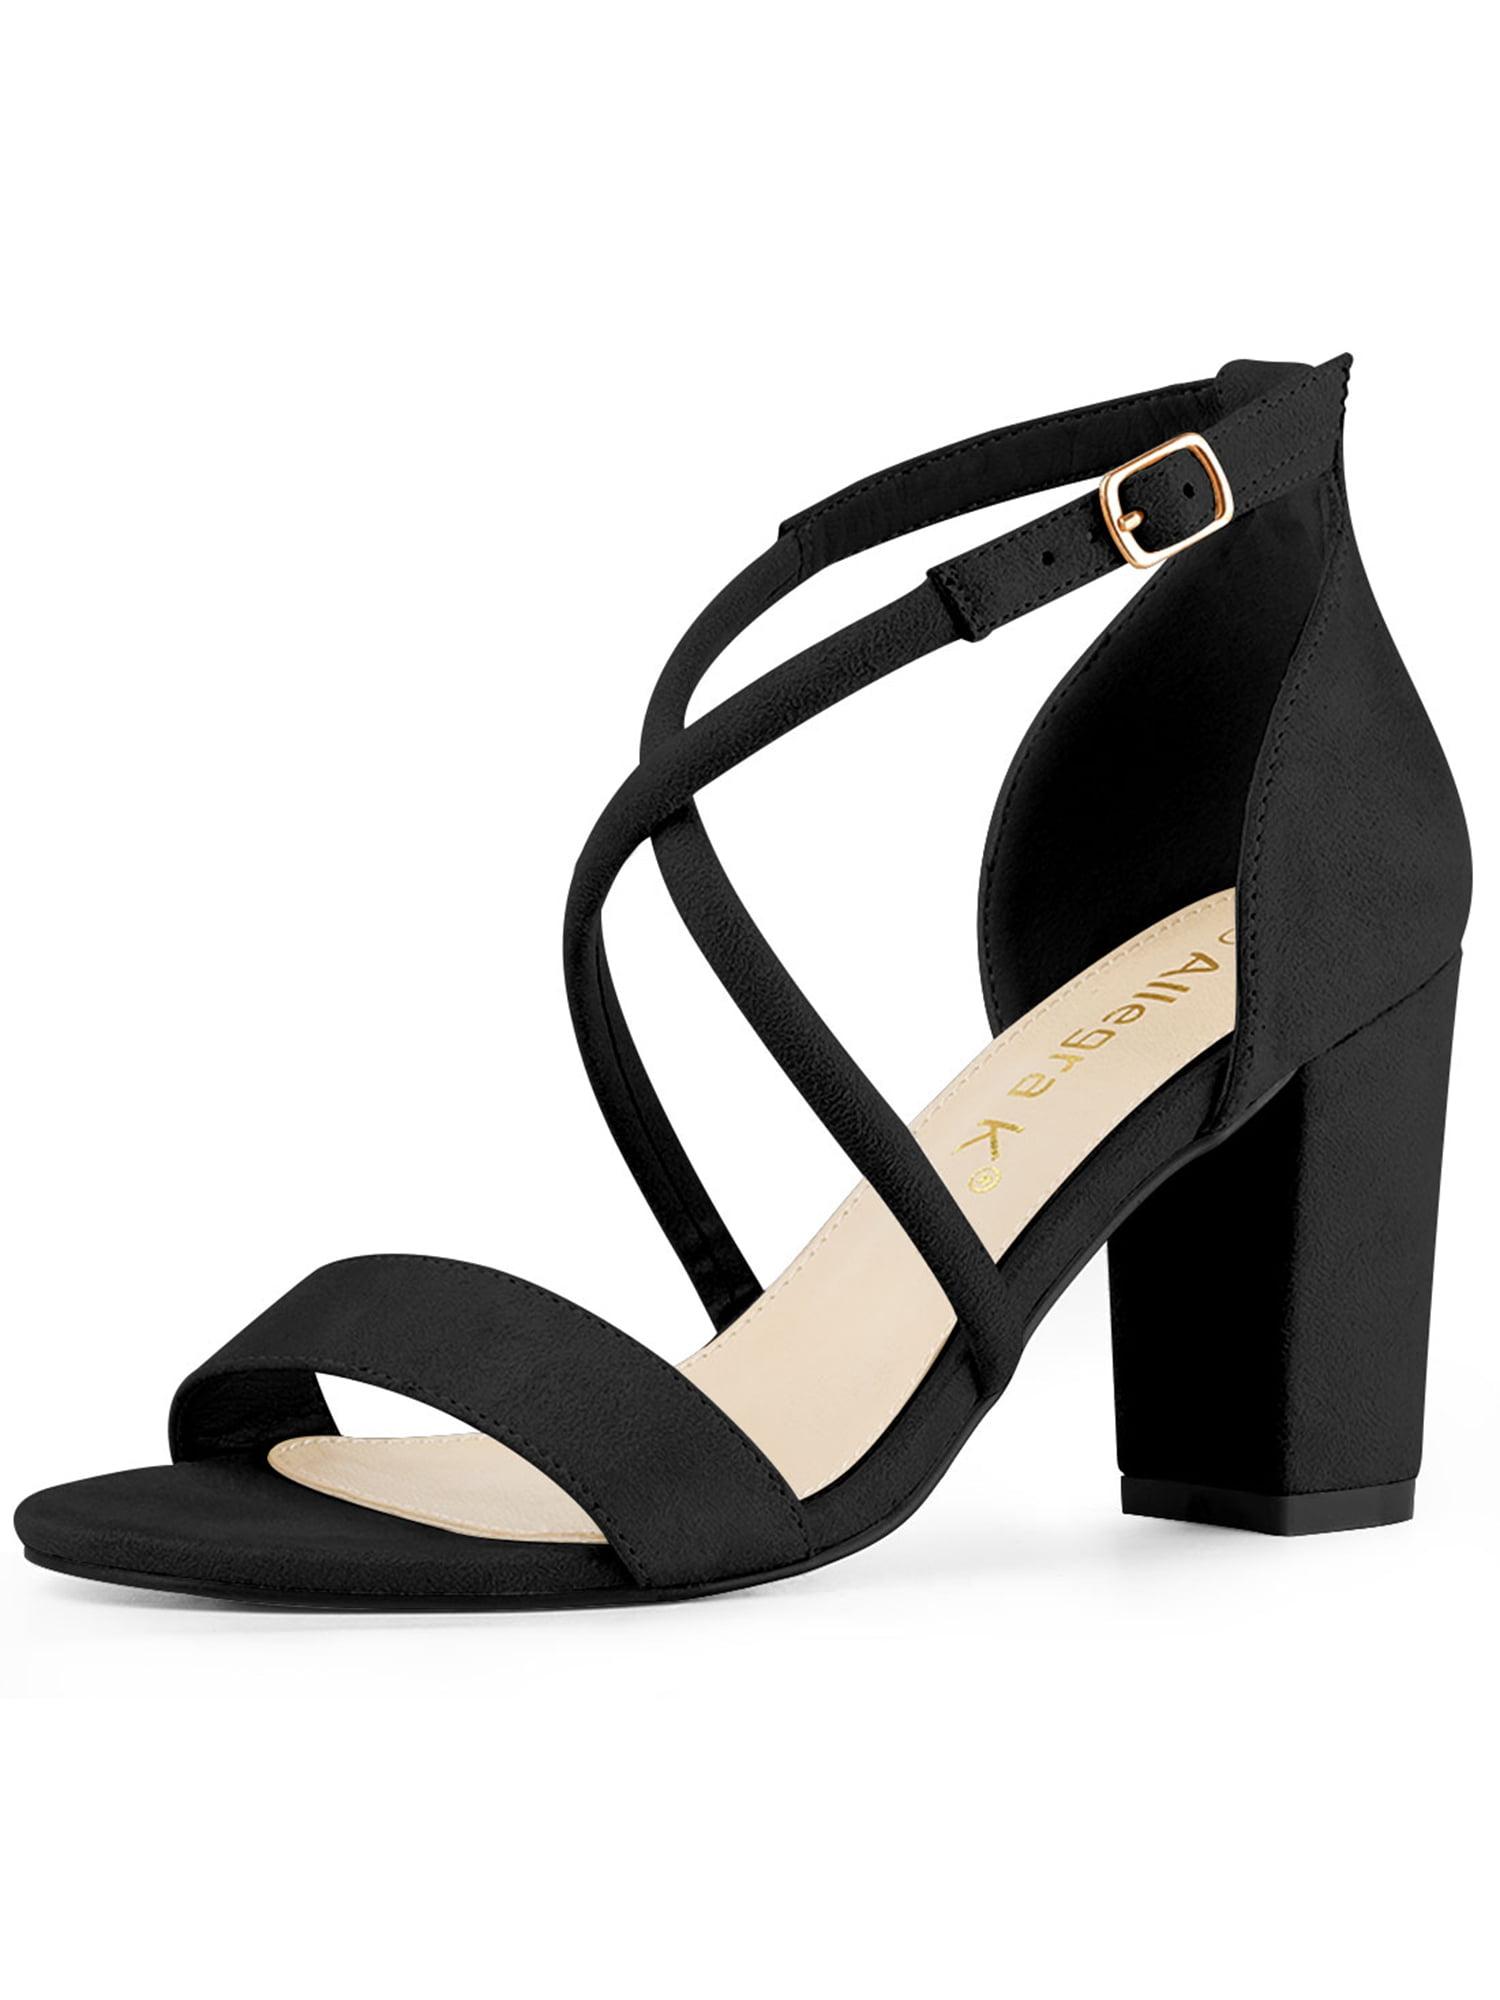 Women's Crisscross Ankle Strap Block